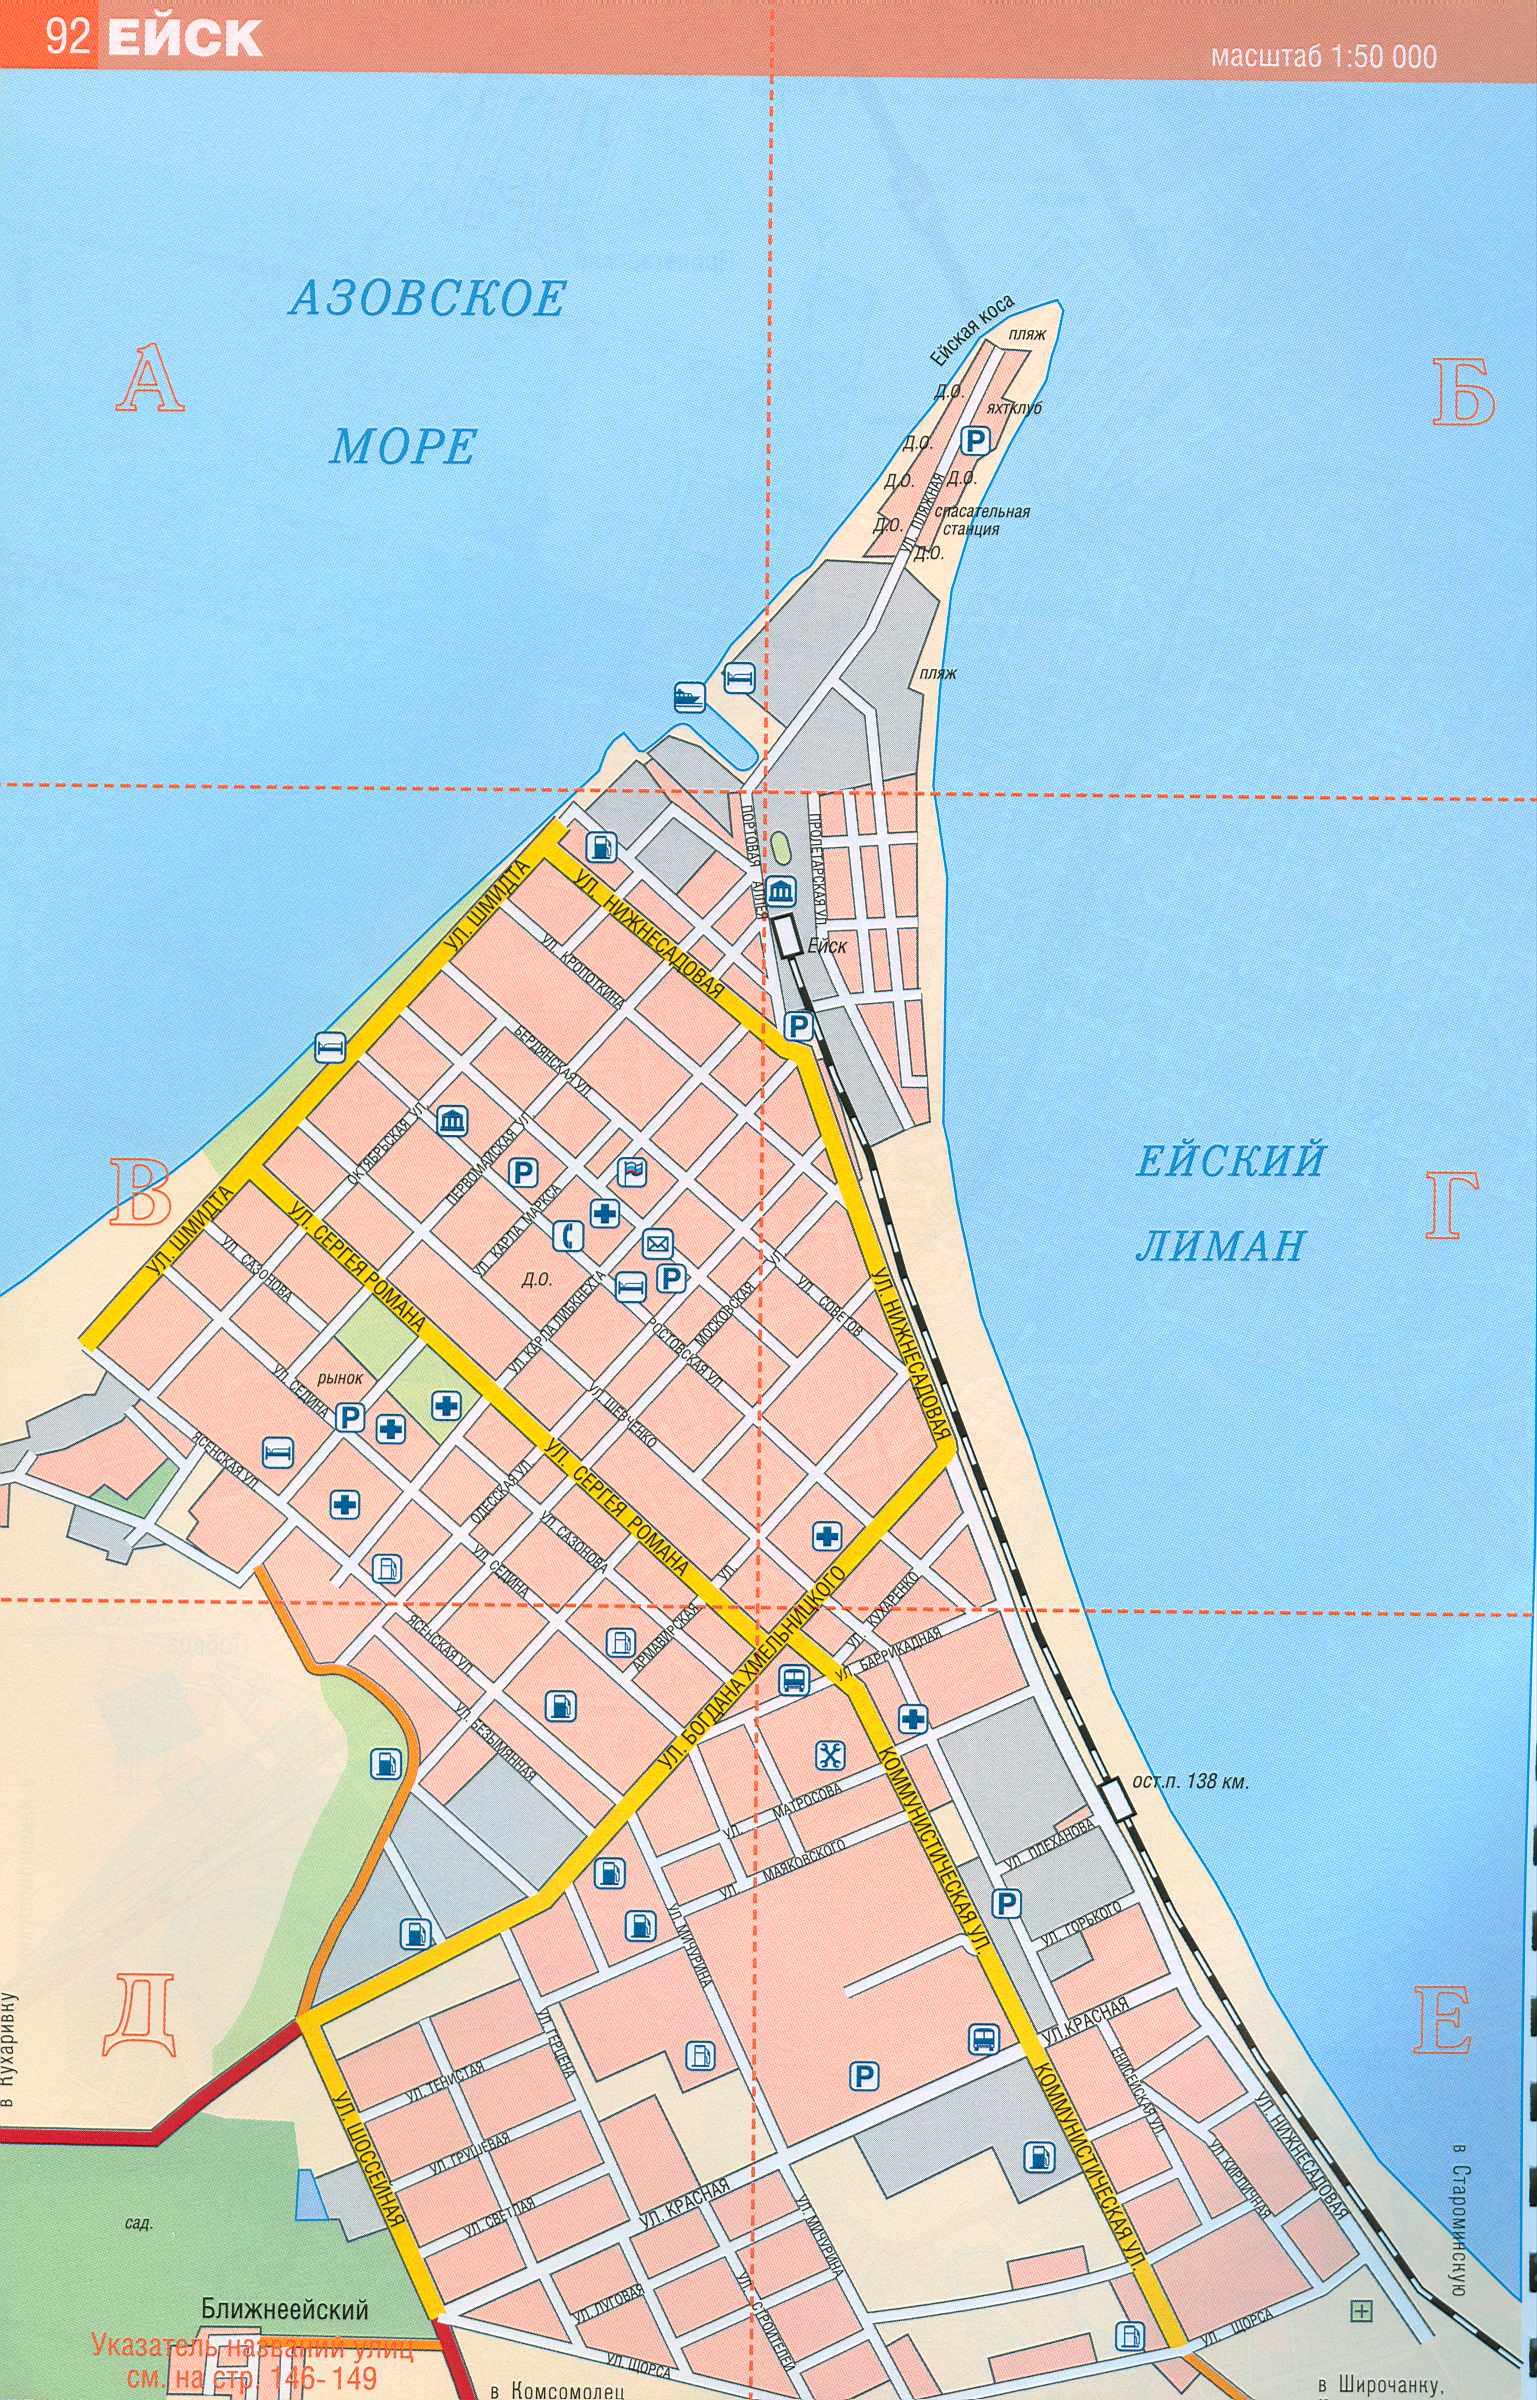 карта города ейска с названиями улиц рекомендации:Постиранное